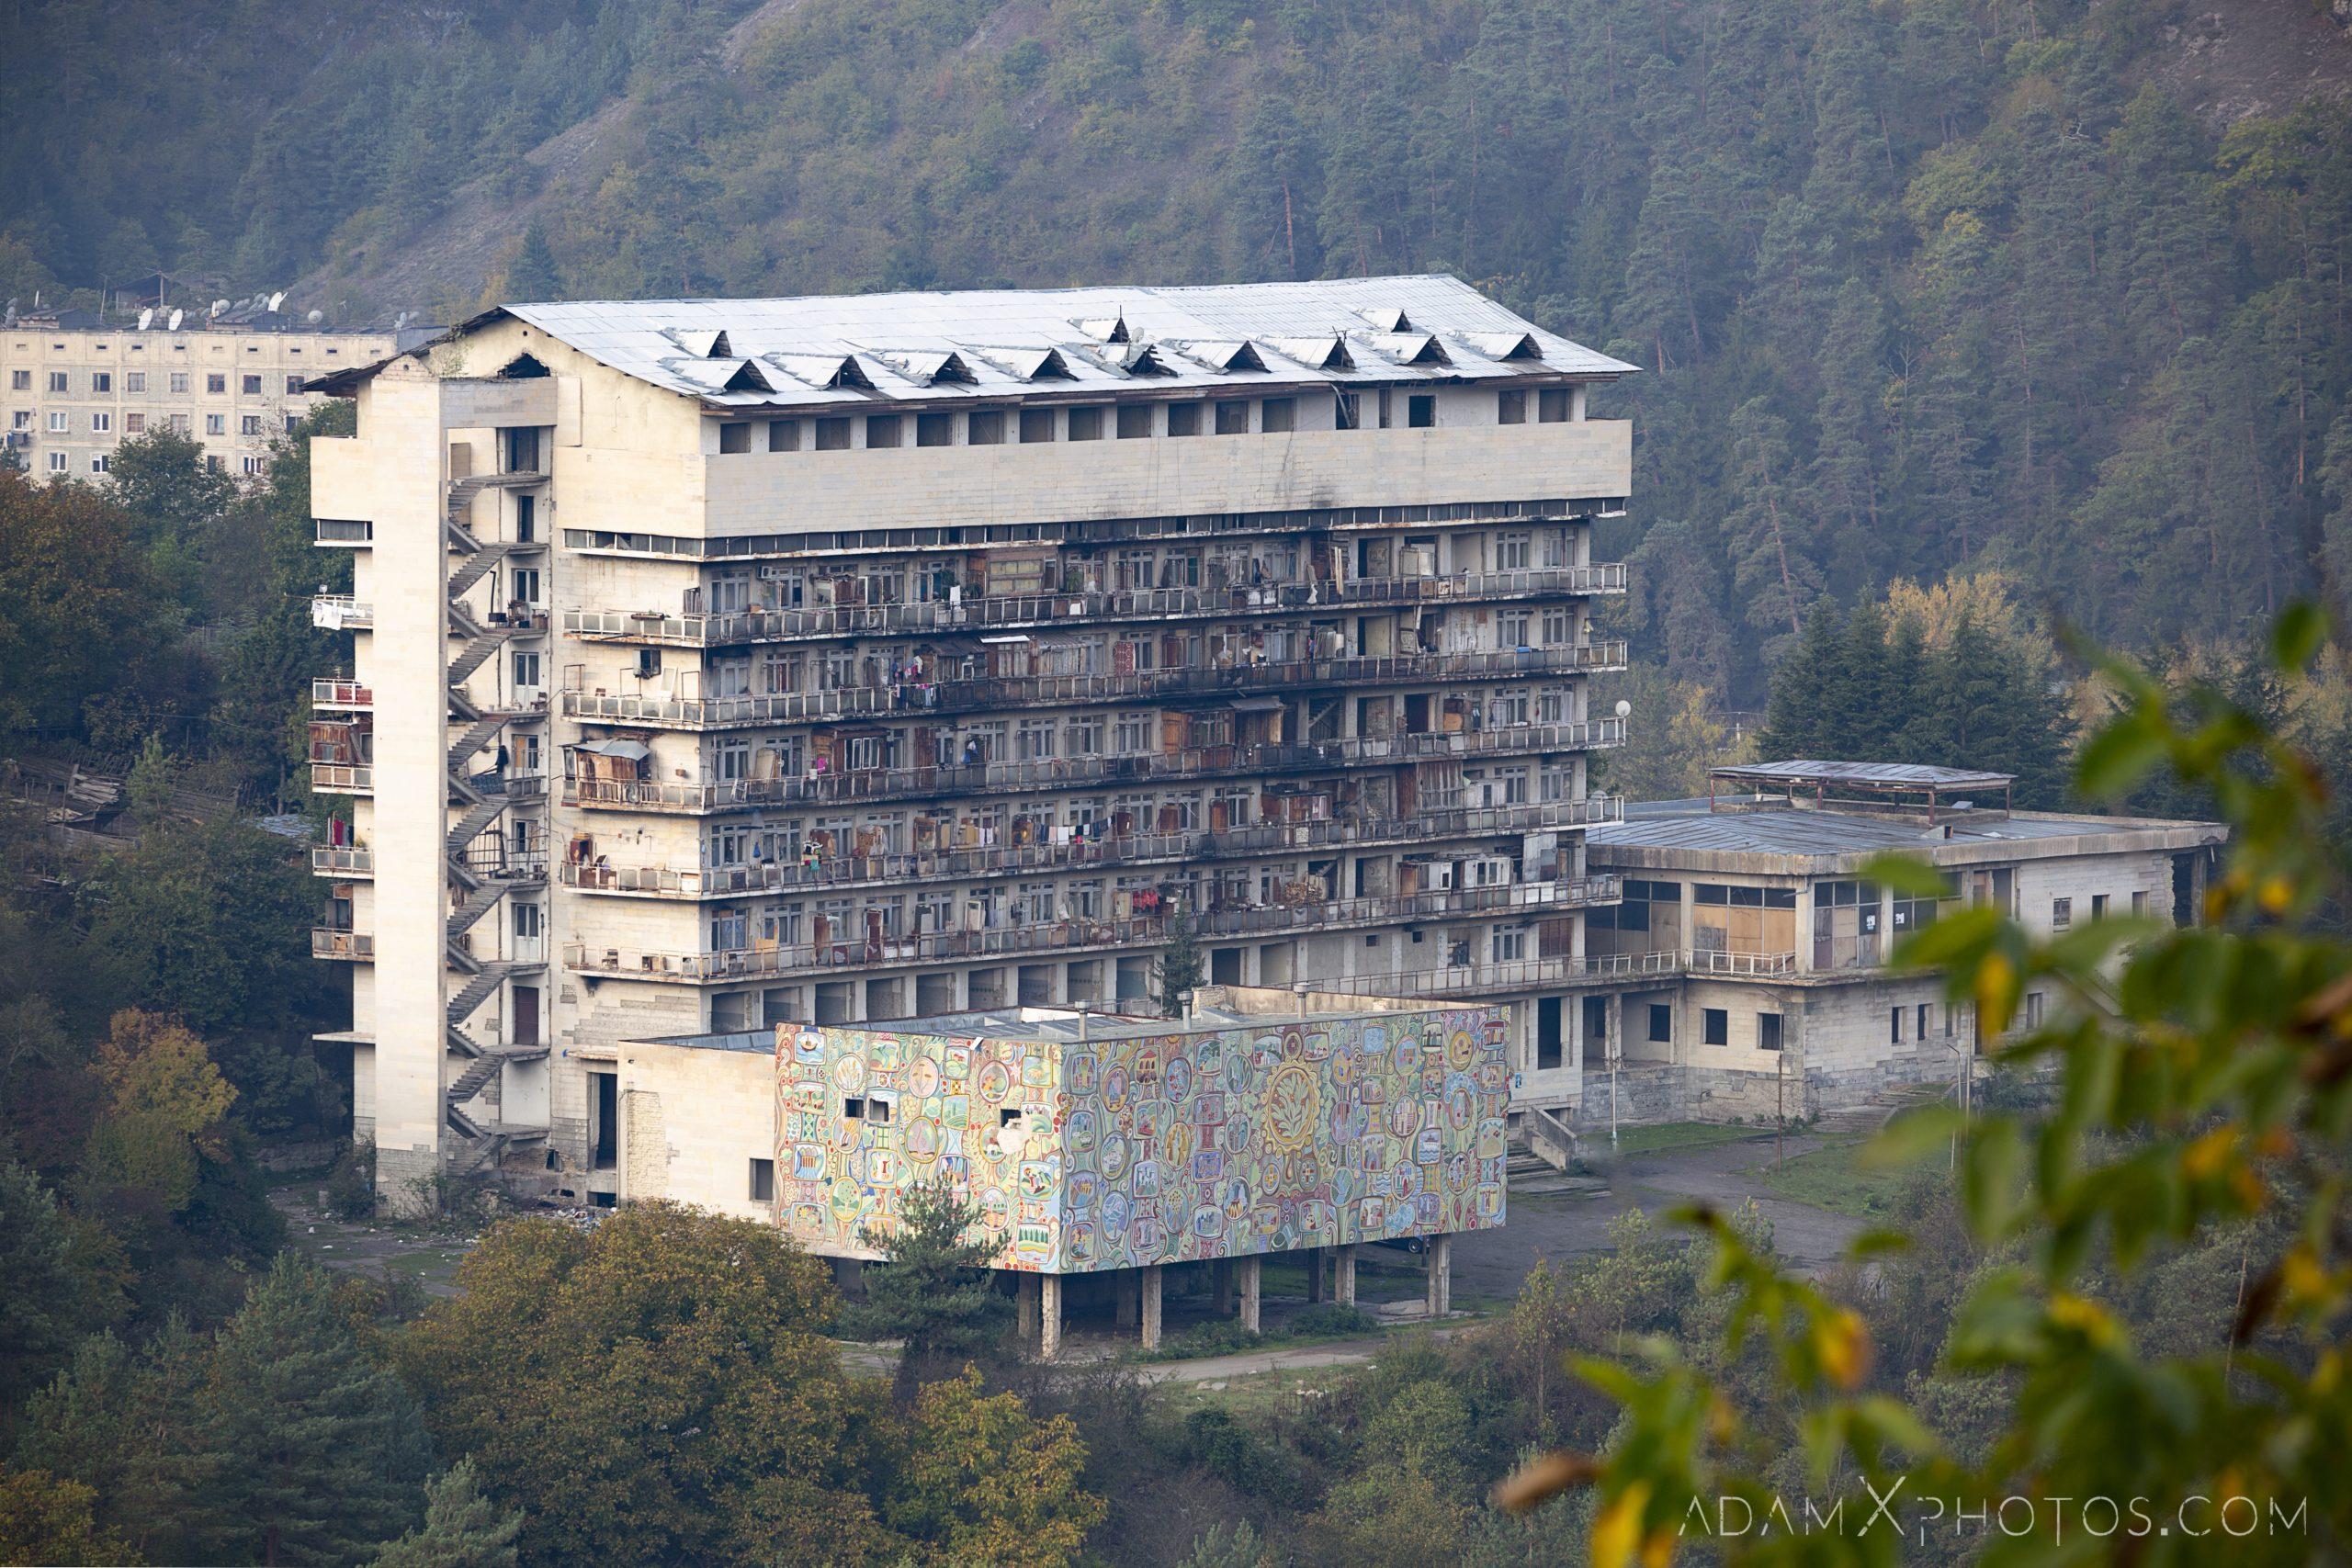 Borjomi apartments mural ex soviet era Georgia Adam X AdamXPhotos Urbex Urban Exploration 2018 Abandoned ruins lost forgotten derelict location